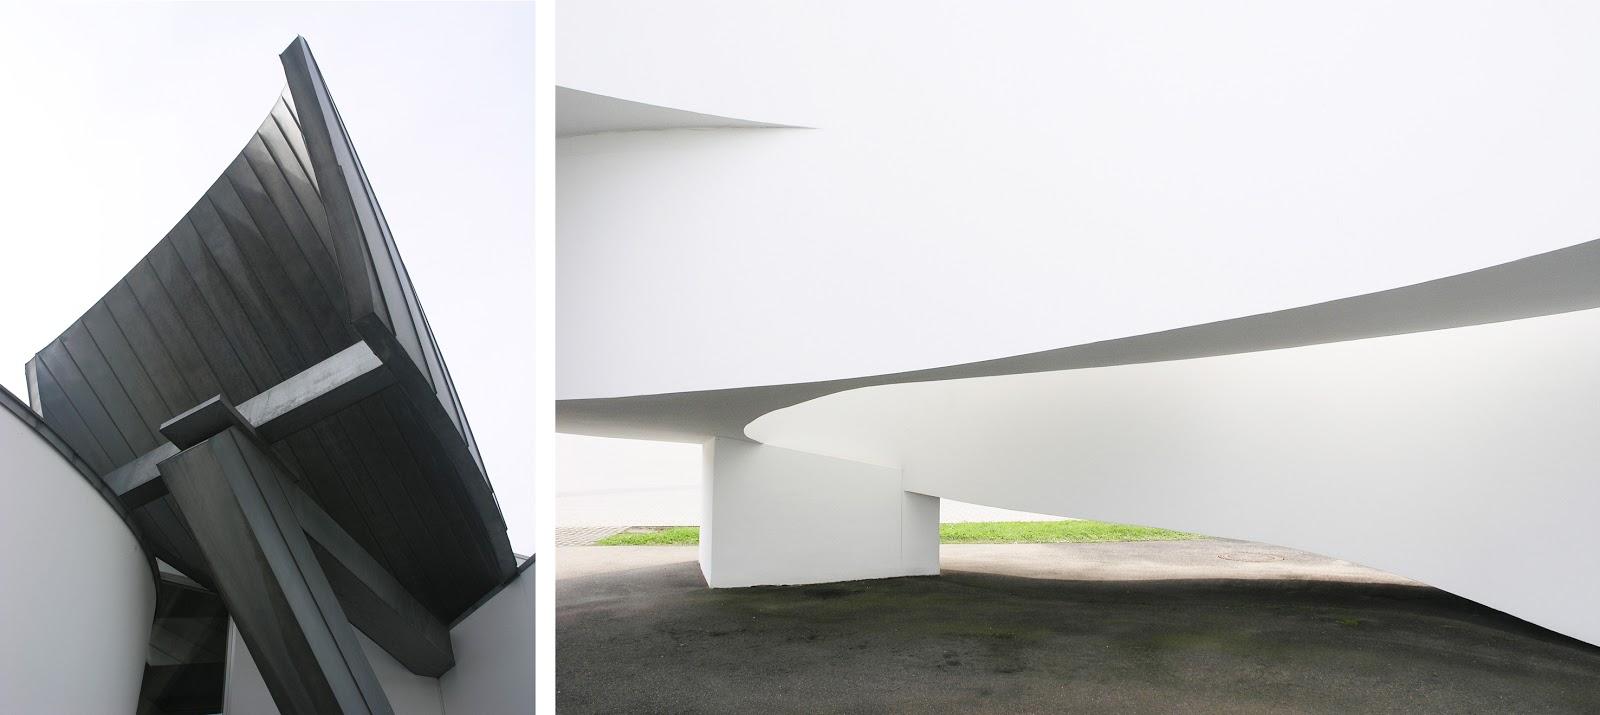 maulwurfsh gelig randnotitz vitra factory sale 2015. Black Bedroom Furniture Sets. Home Design Ideas